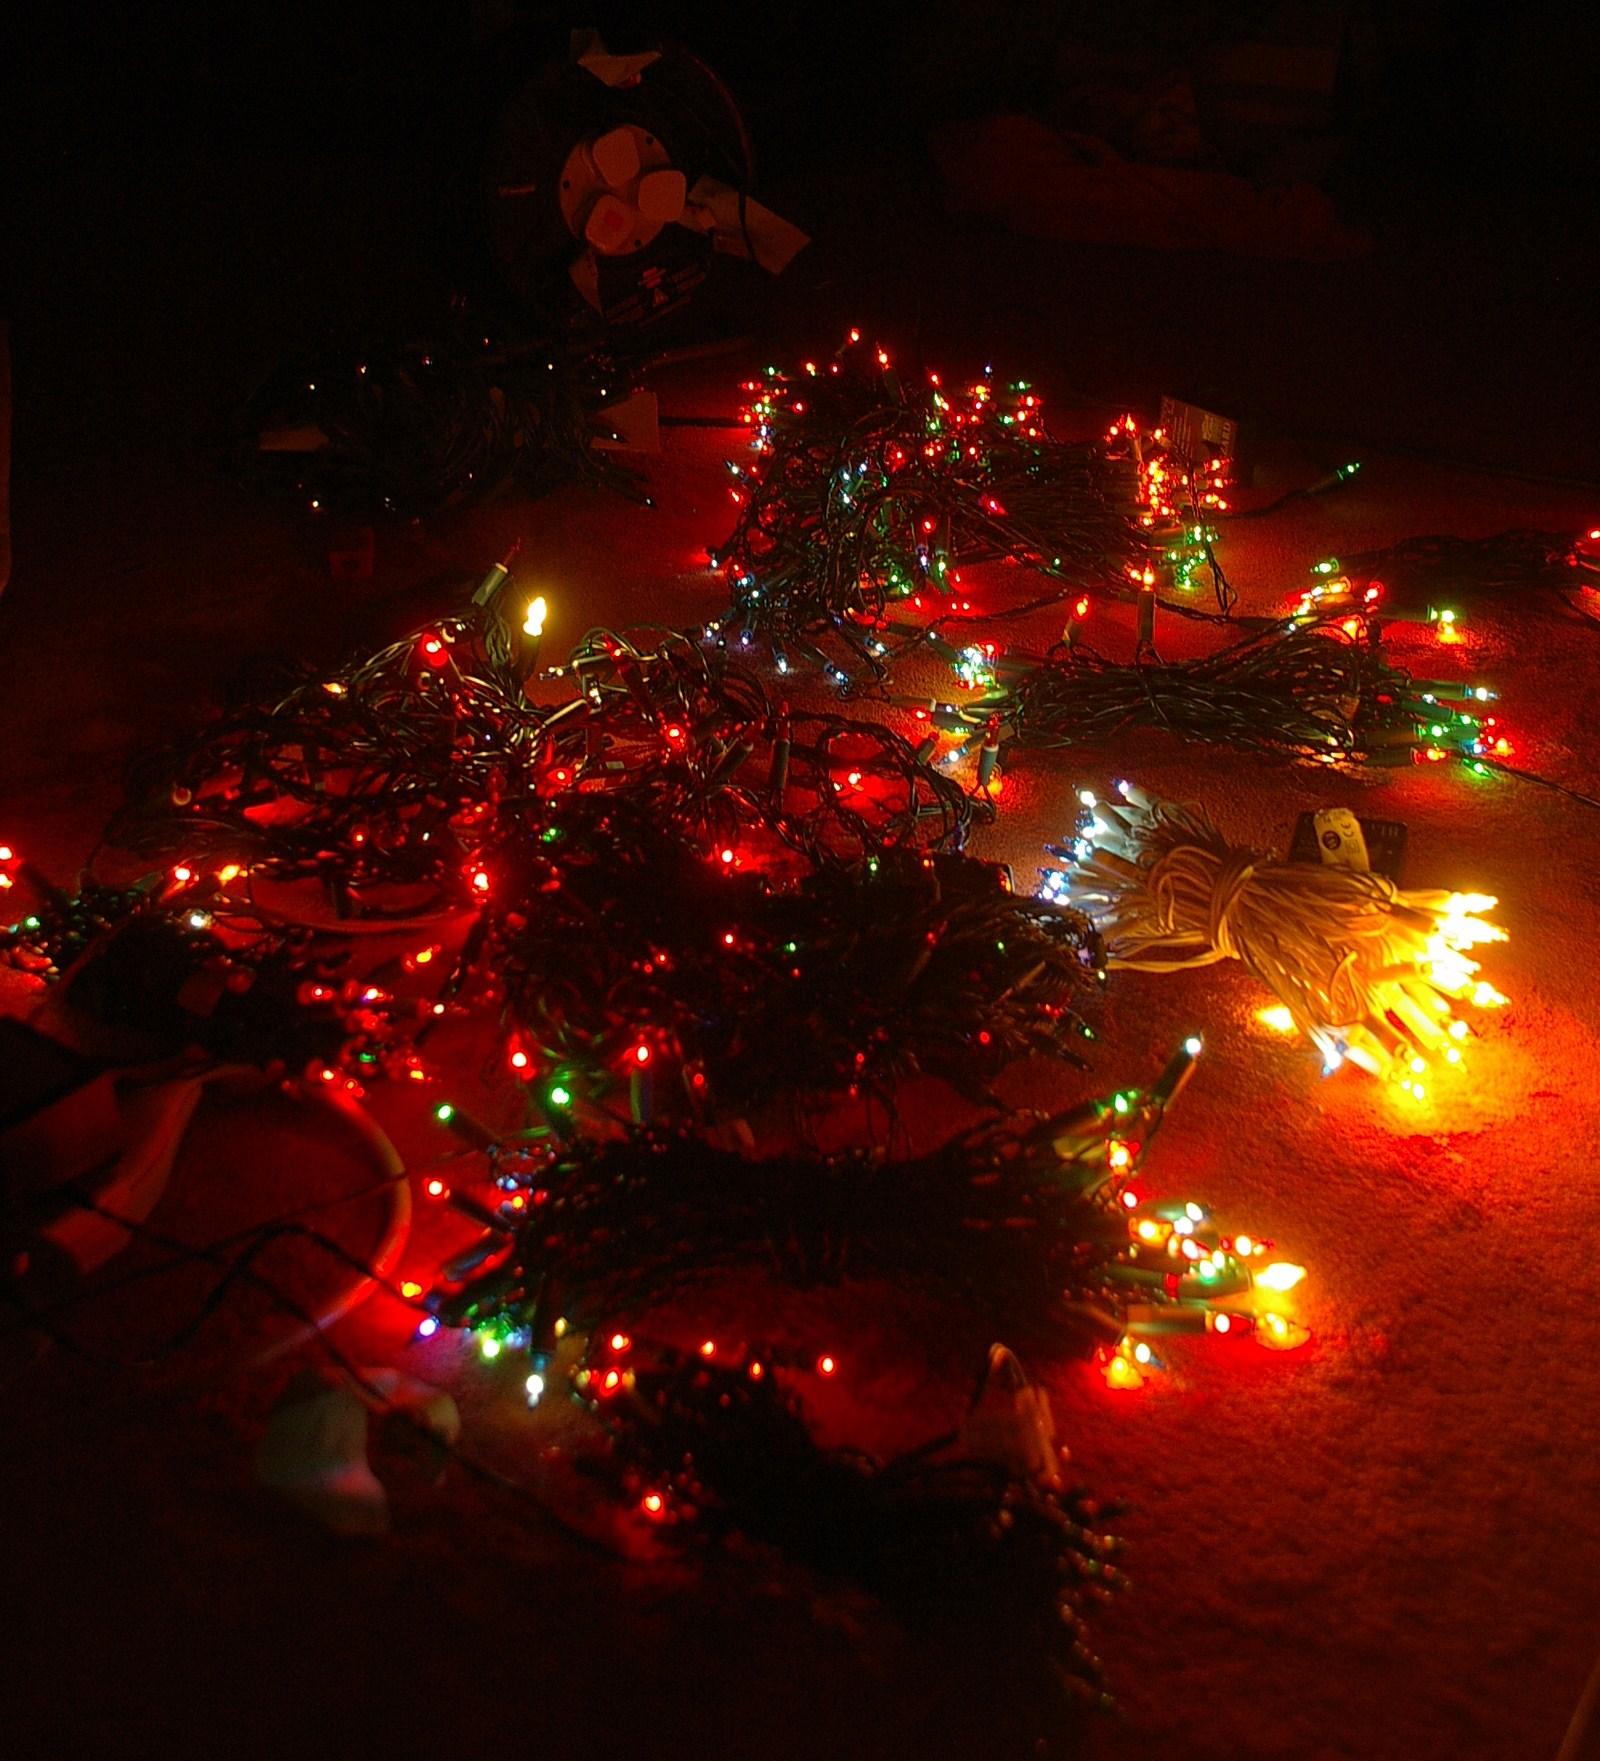 Damit sie keinen Monsterknoten bilden, gibt es viele Tipps zum richtigen Lichterketten verstauen